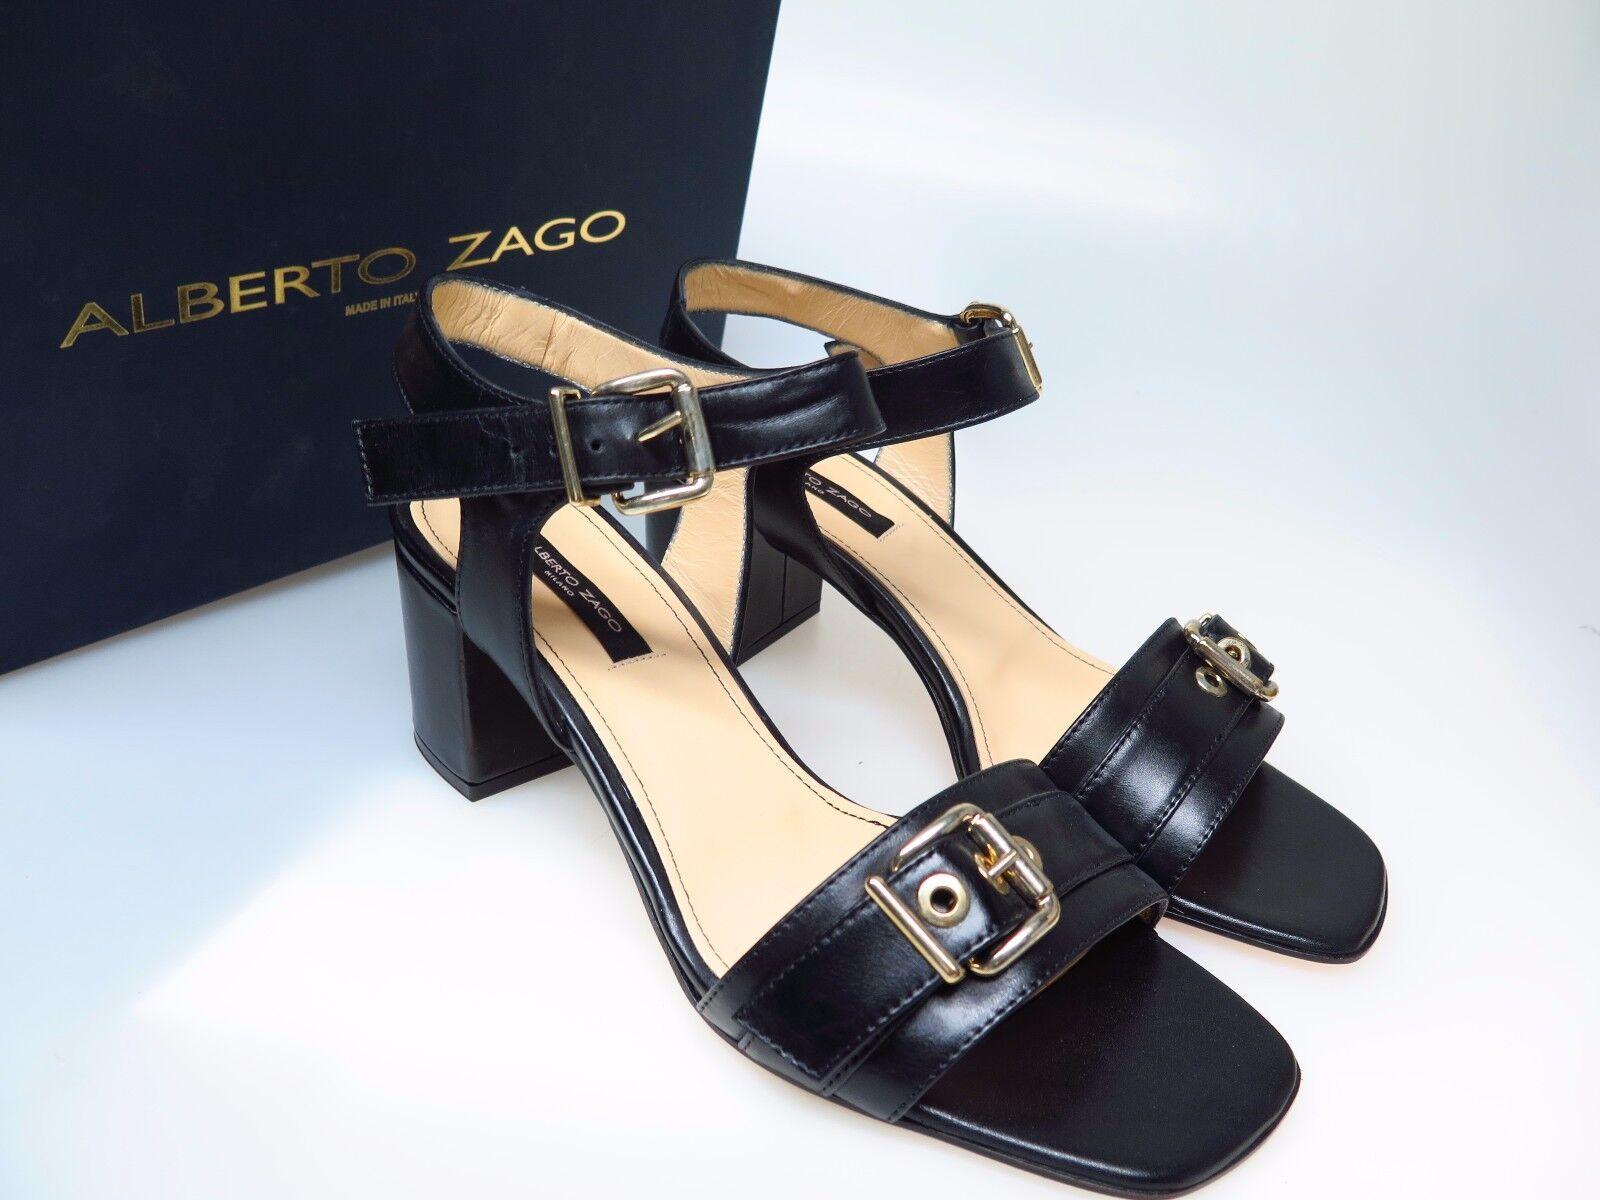 Alberto ZAGO Scarpe da Donna Designer Scarpe 319 VITELLO NERO NUOVO SARA Mis. EU 39 NUOVO NERO e90d72